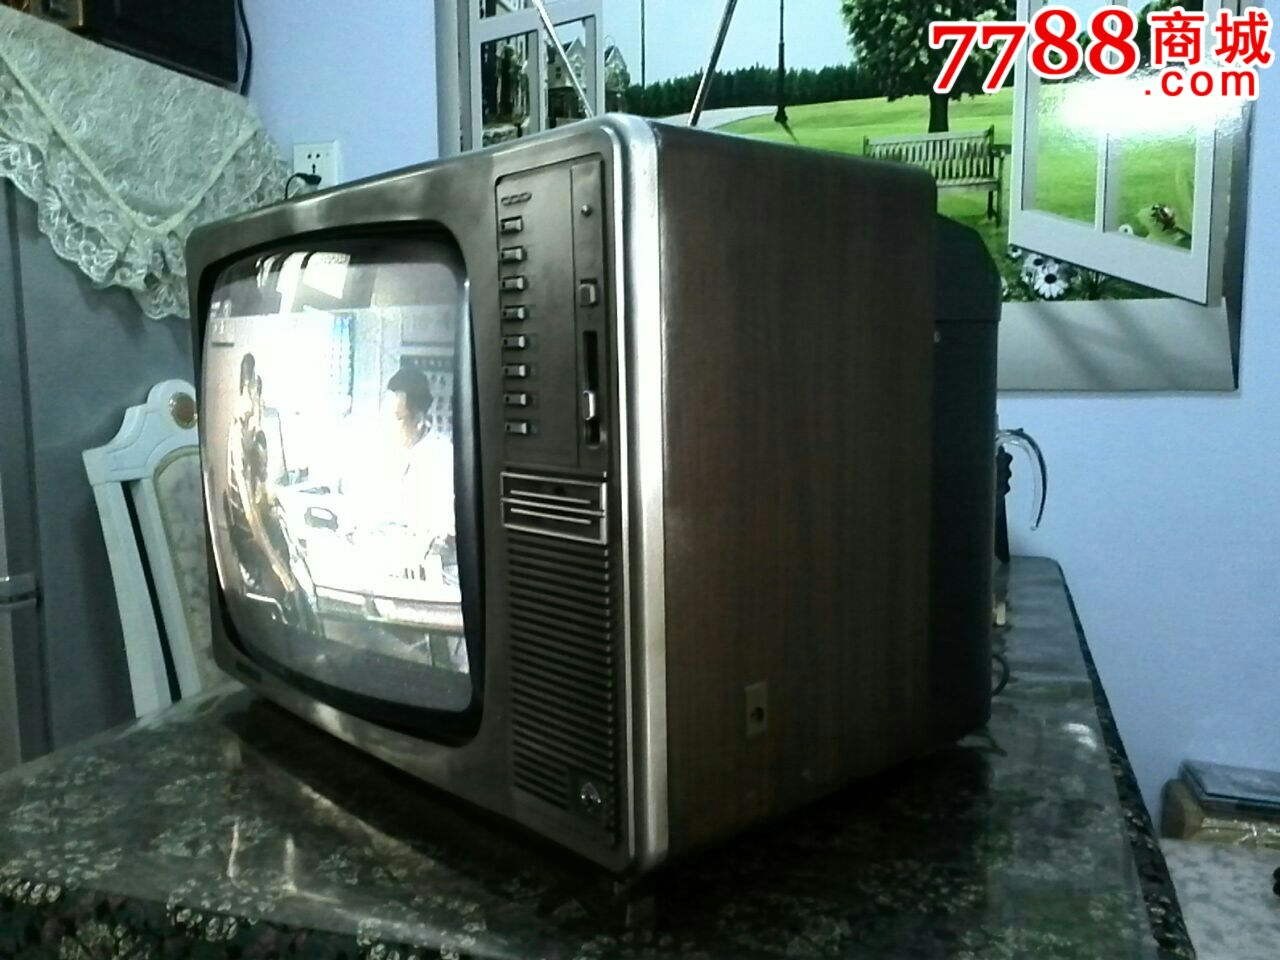 熊猫db47c3彩色电视机